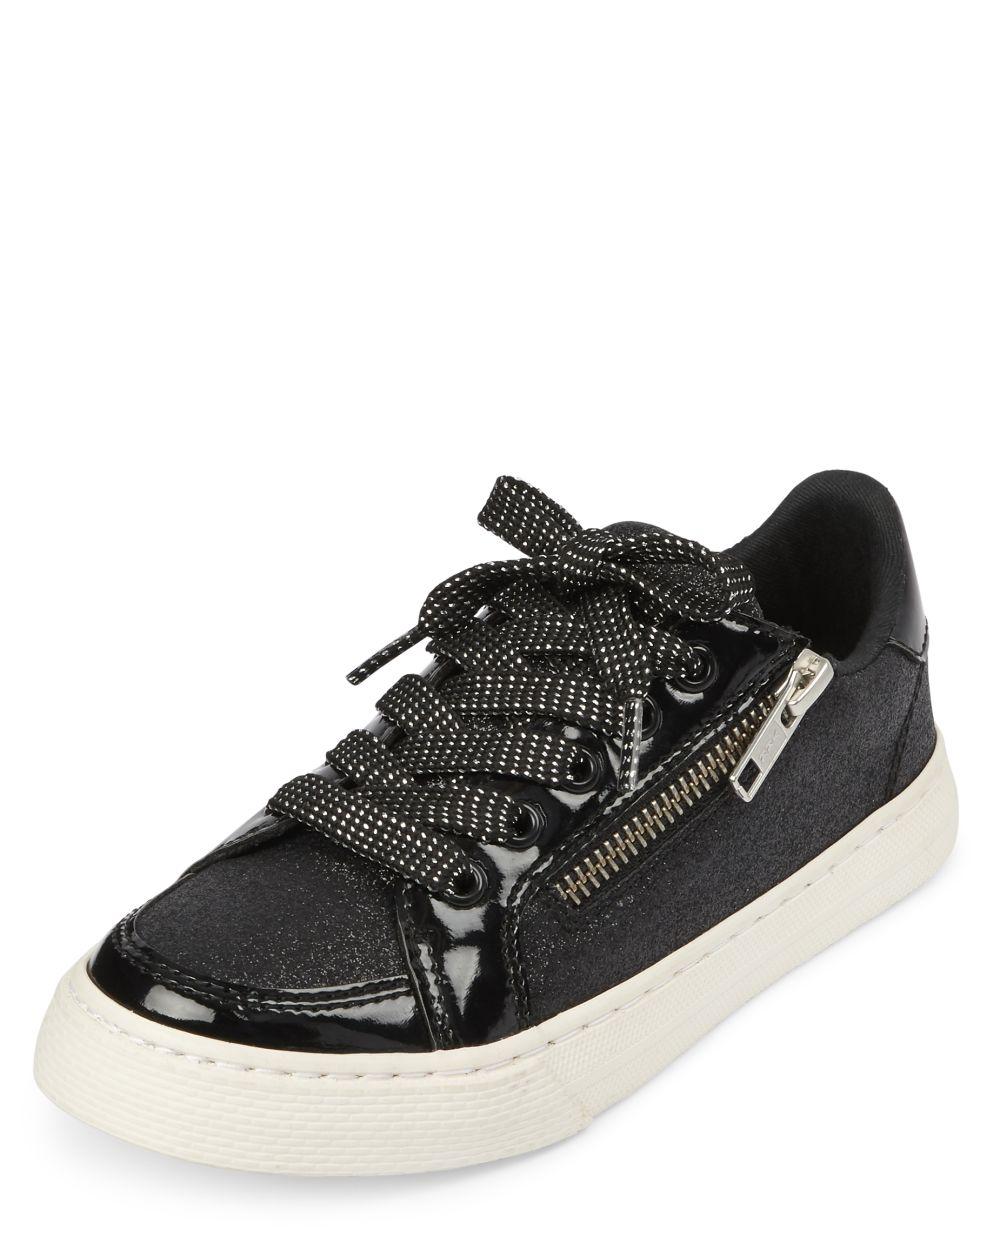 Girls Glitter Zip Low Top Sneakers